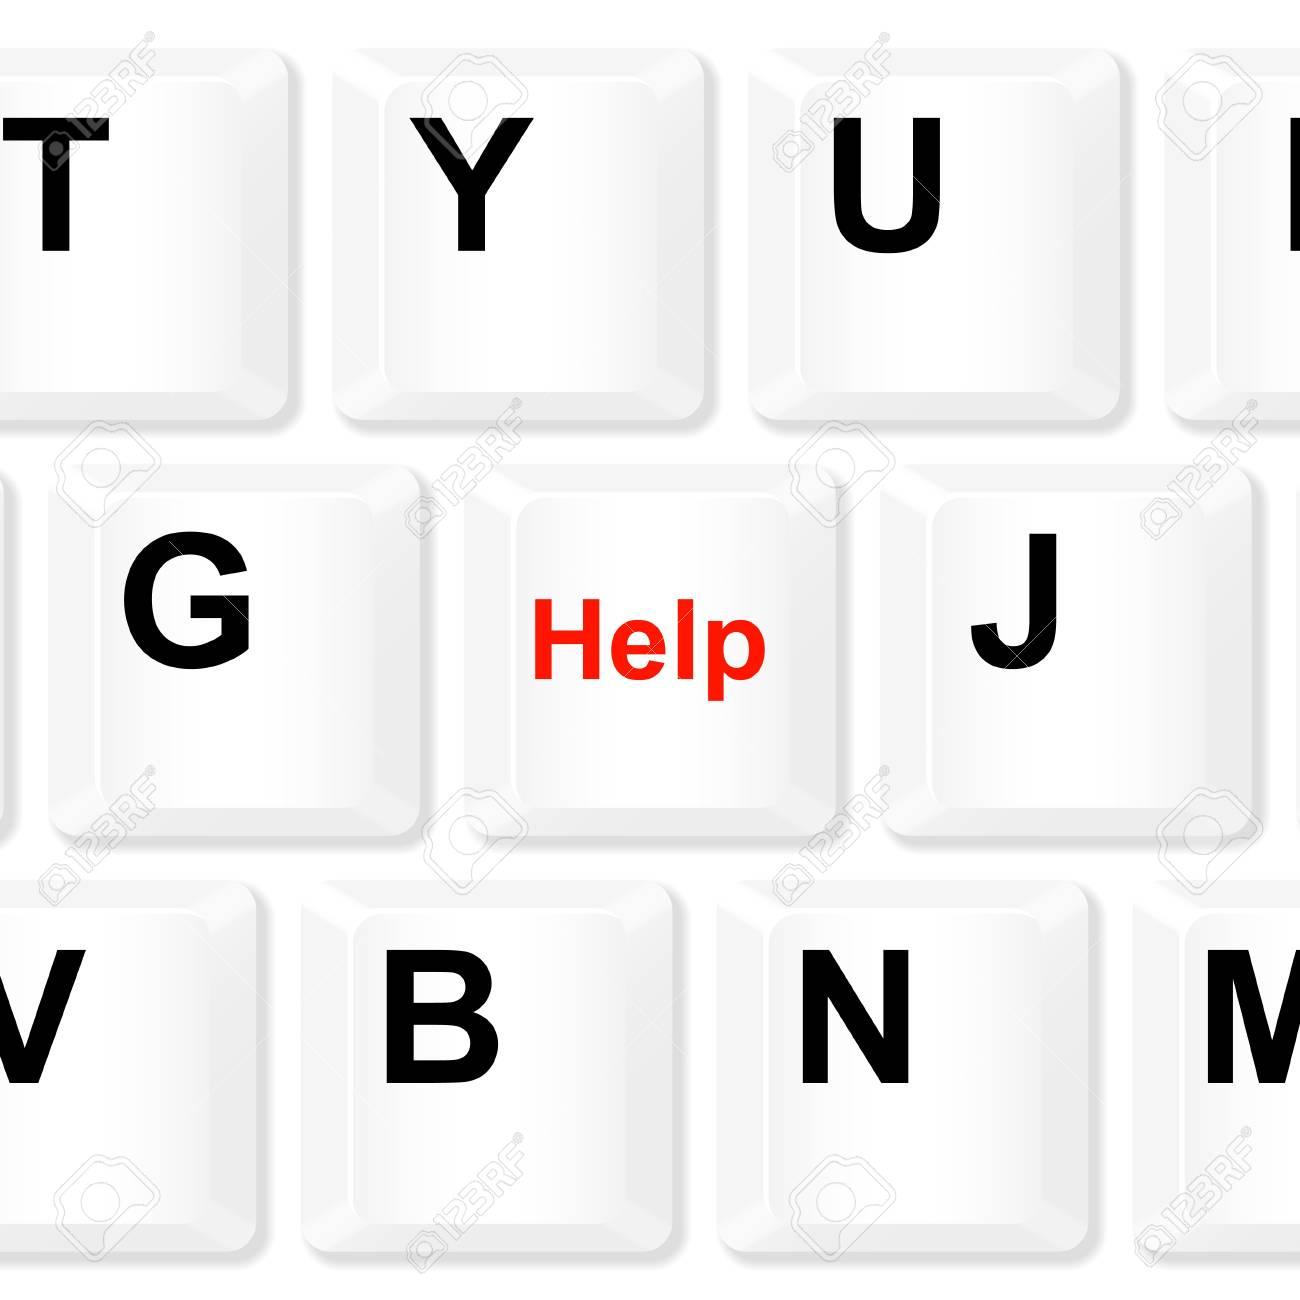 Help button Stock Vector - 15824577